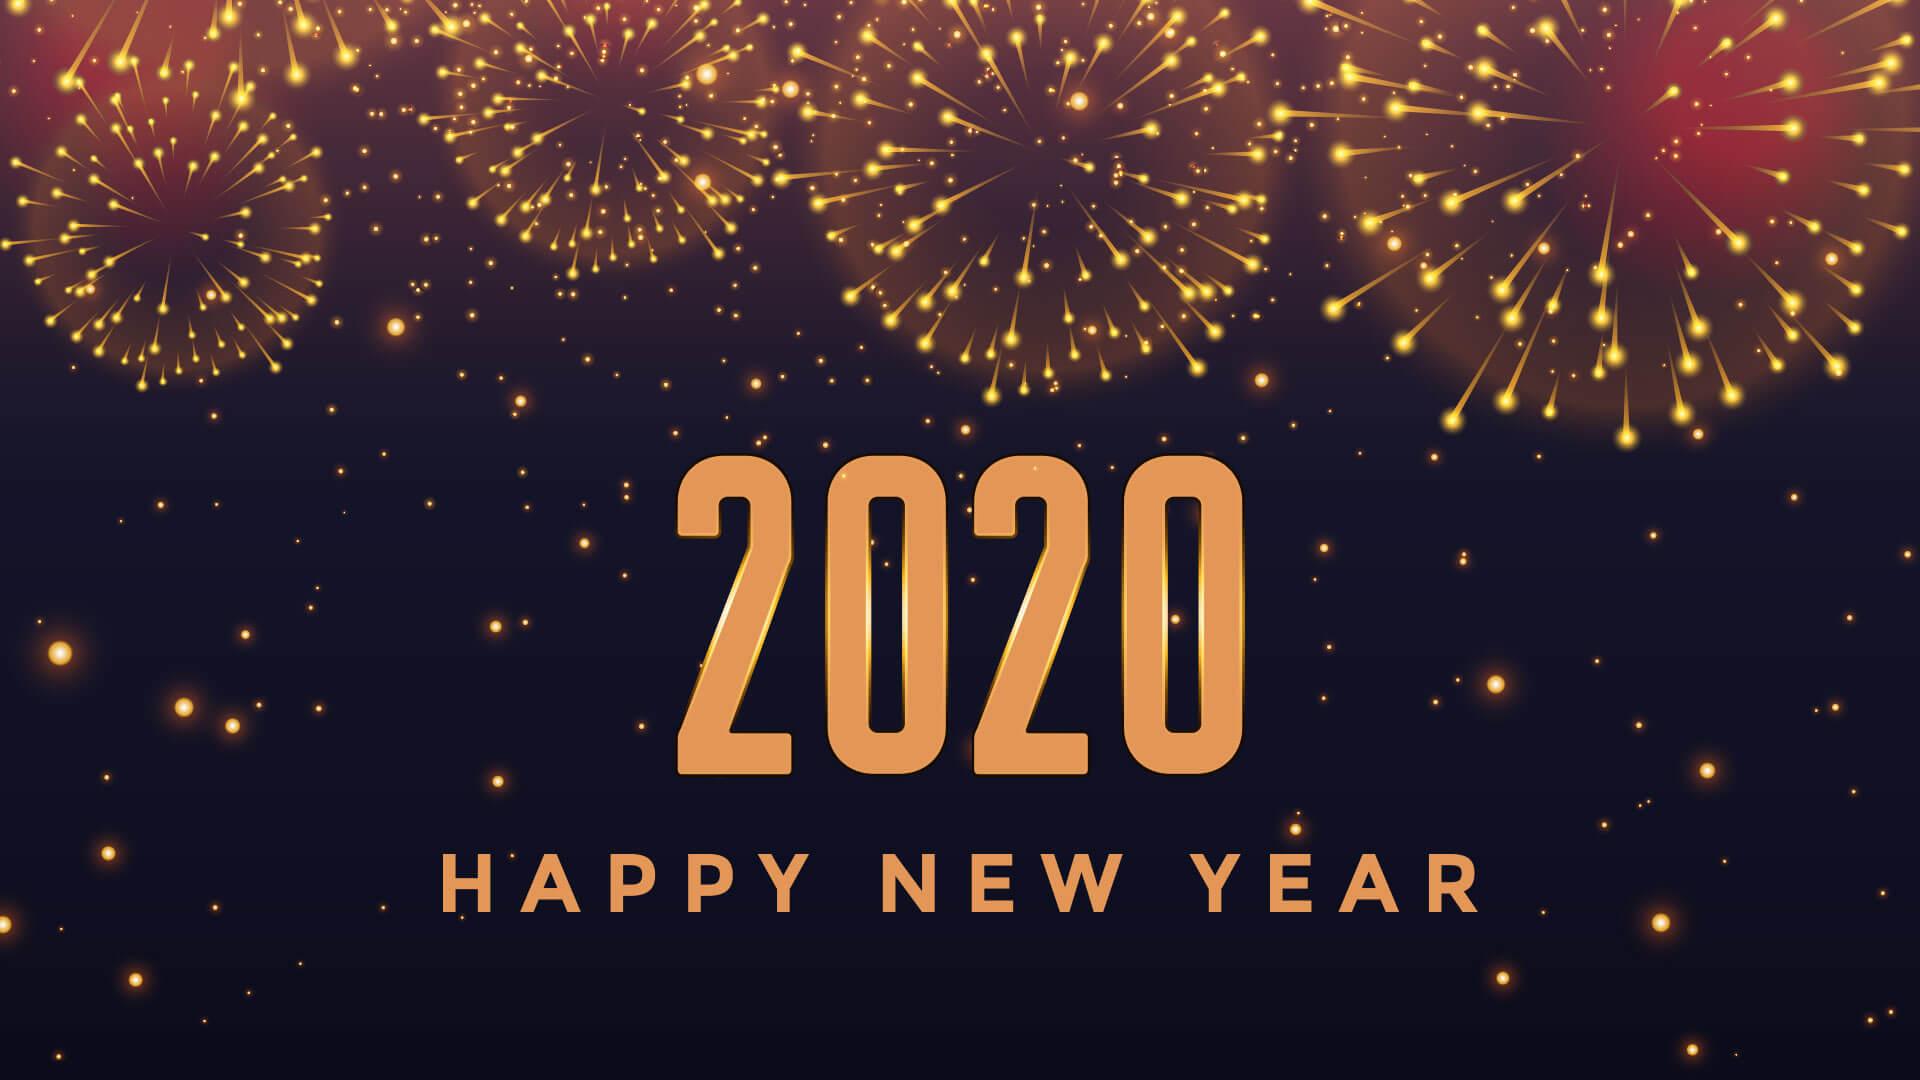 Hình nền đẹp cho pc chúc mừng năm mới 2020